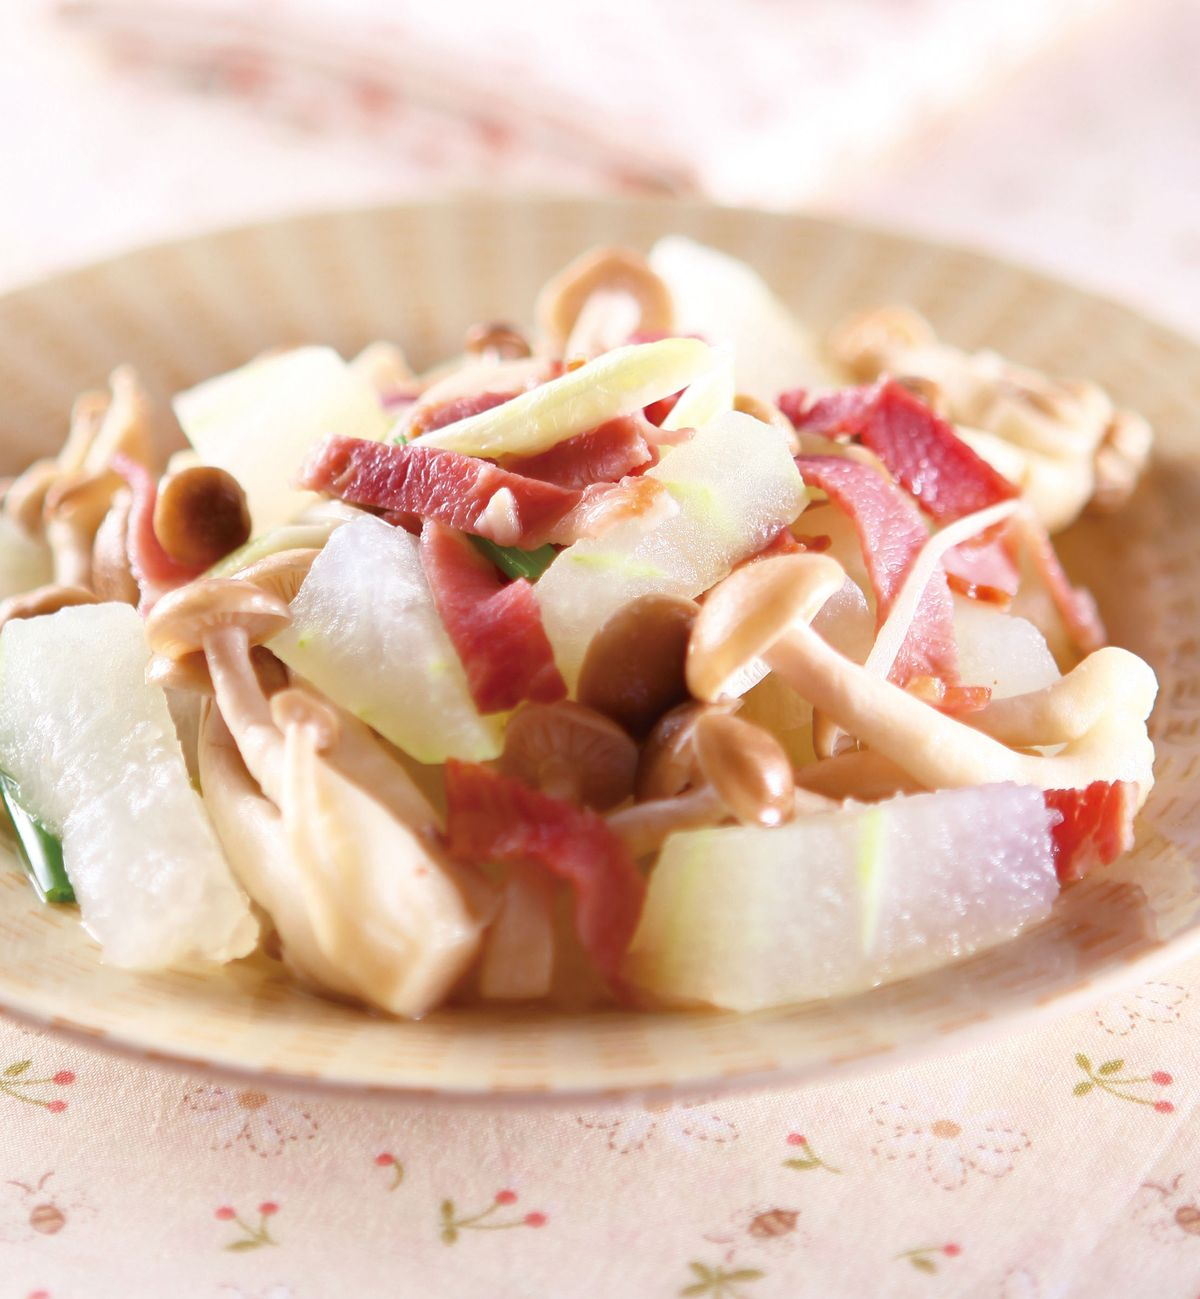 食譜:培根冬瓜蒸鮮菇